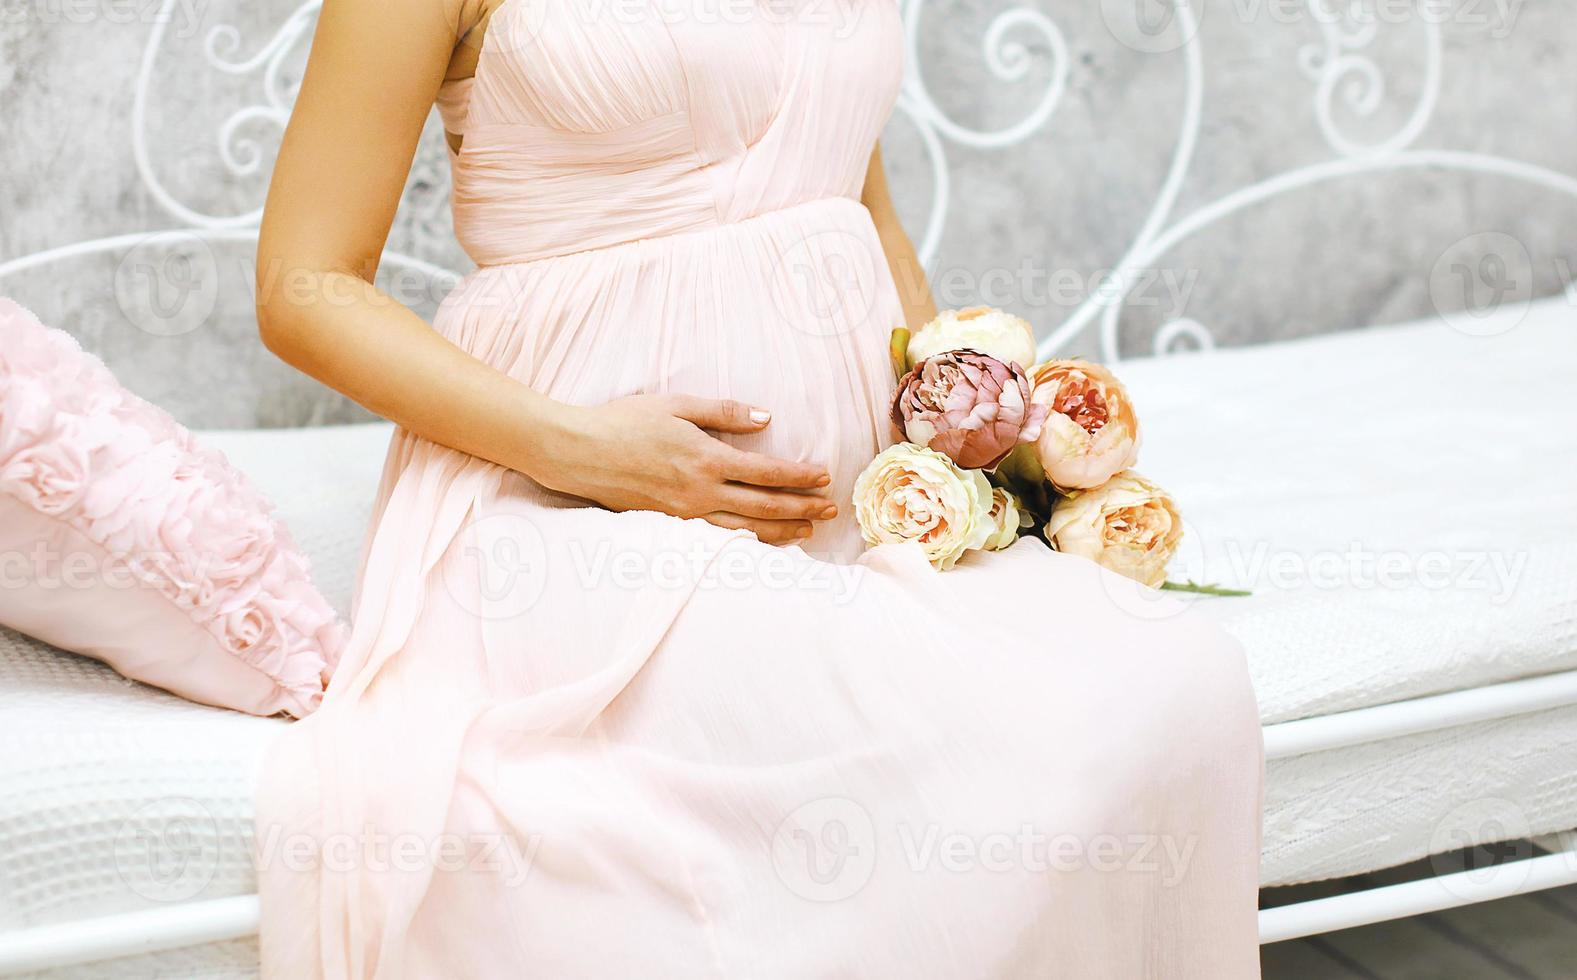 Schwangerschaft, Mutterschaft und glückliches zukünftiges Mutterkonzept - schwanger foto